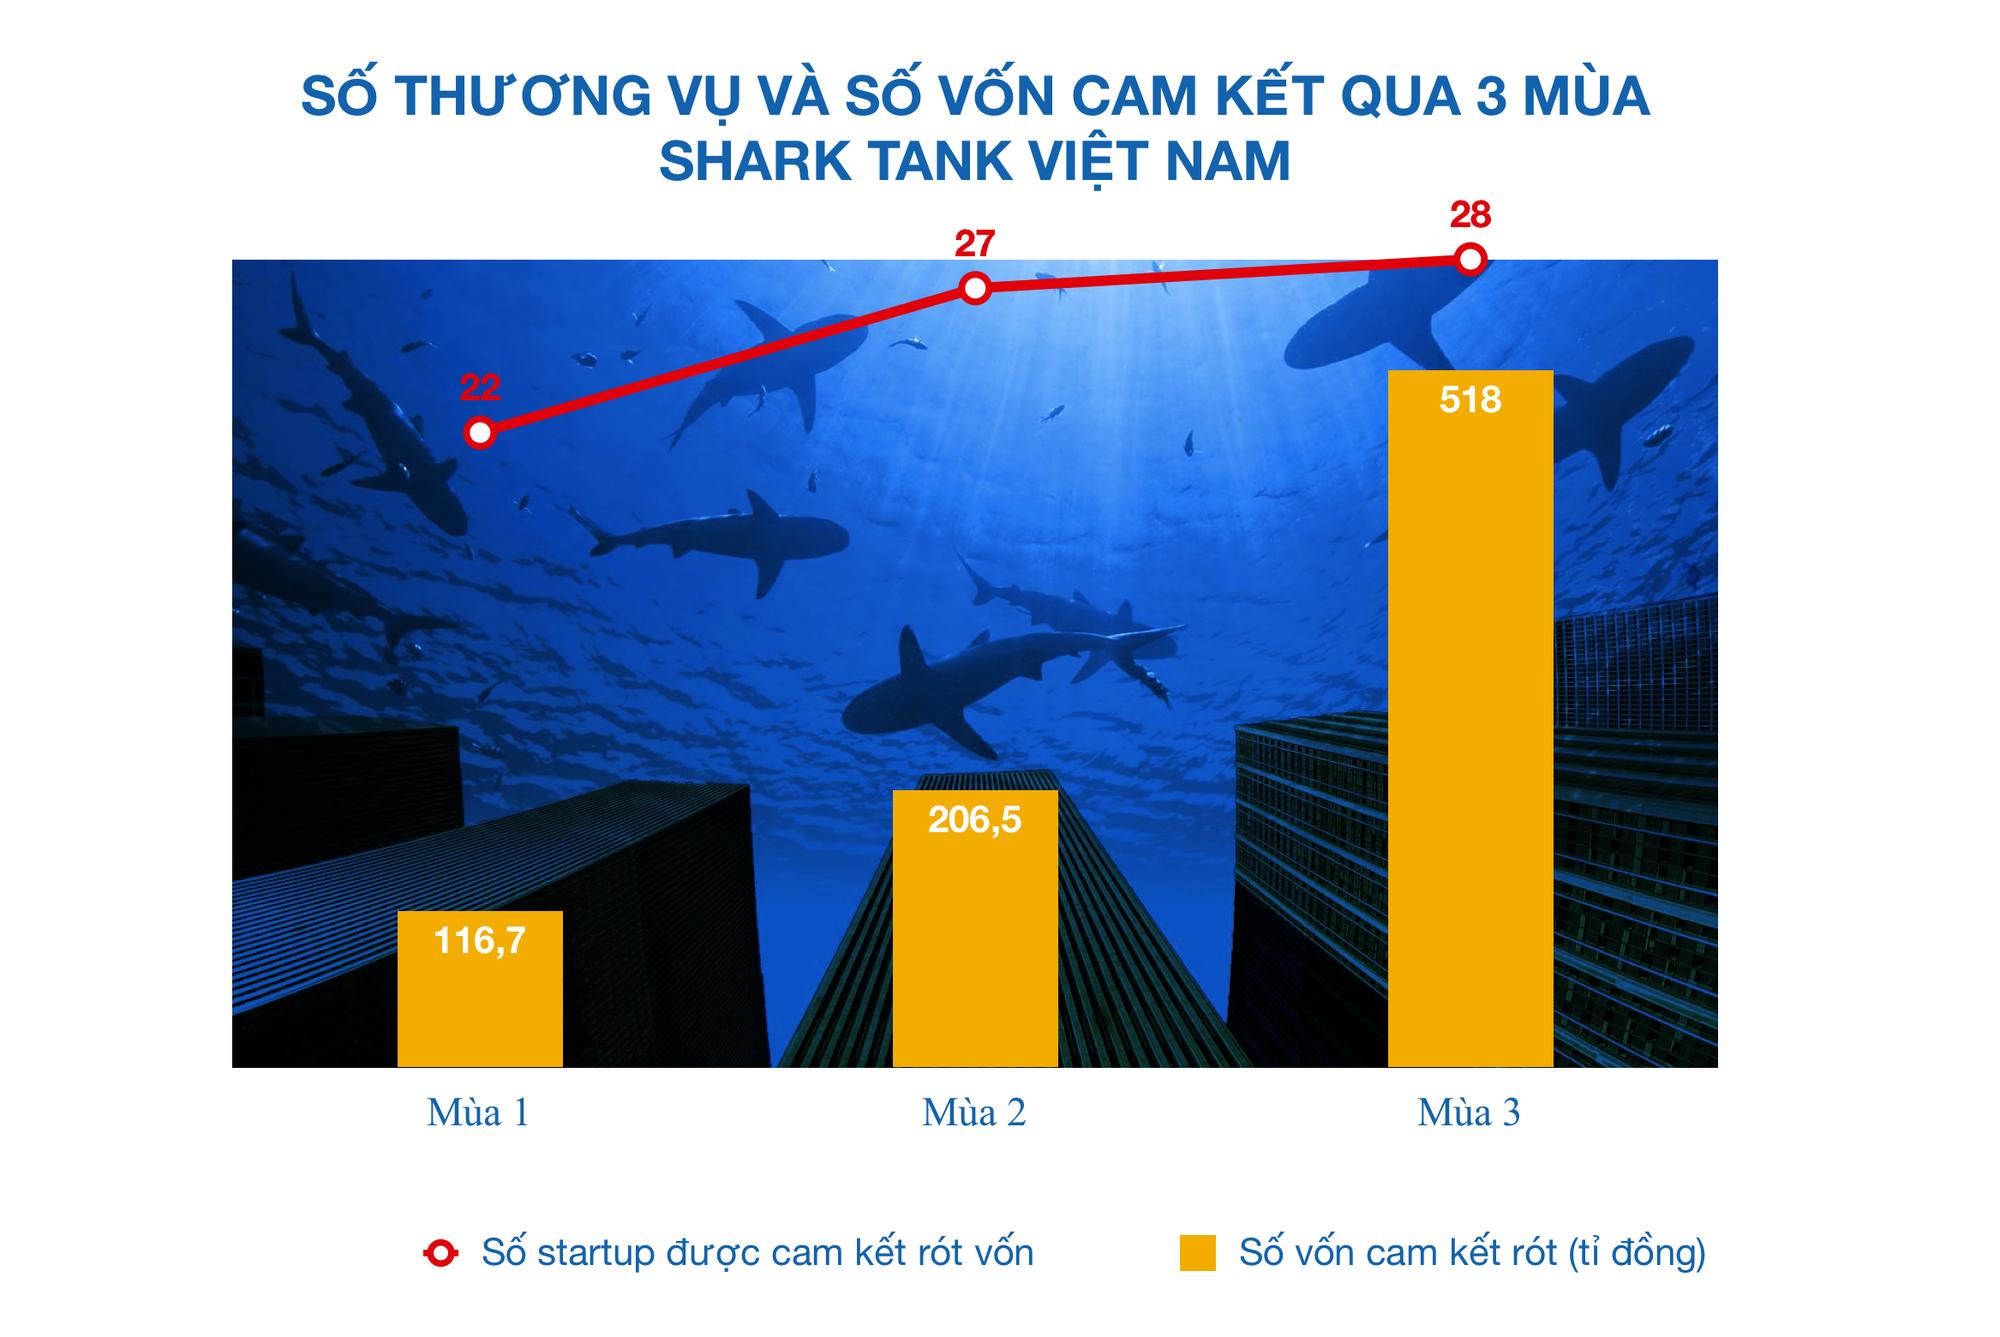 Năm nay không có Shark Tank Việt Nam, lịch mùa 4 phải dời sang năm 2021 vì Covid-19 - Ảnh 1.